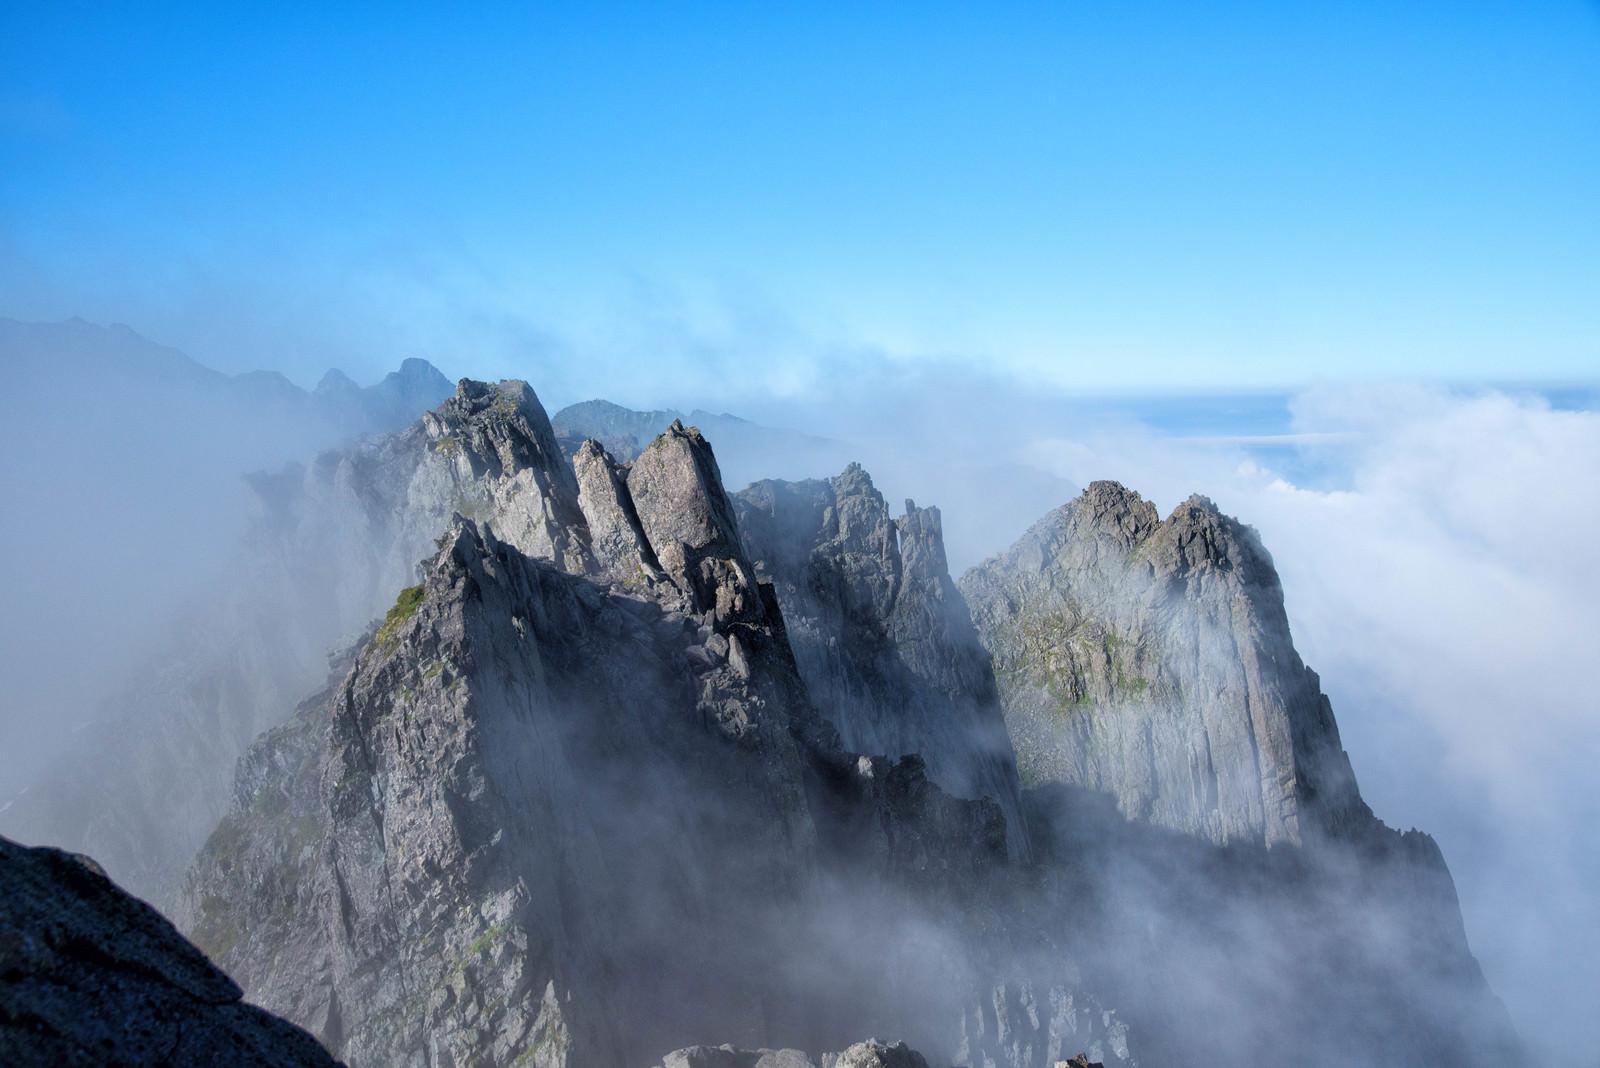 「雲間から顔を出す滝谷の断崖(穂高連峰)」の写真